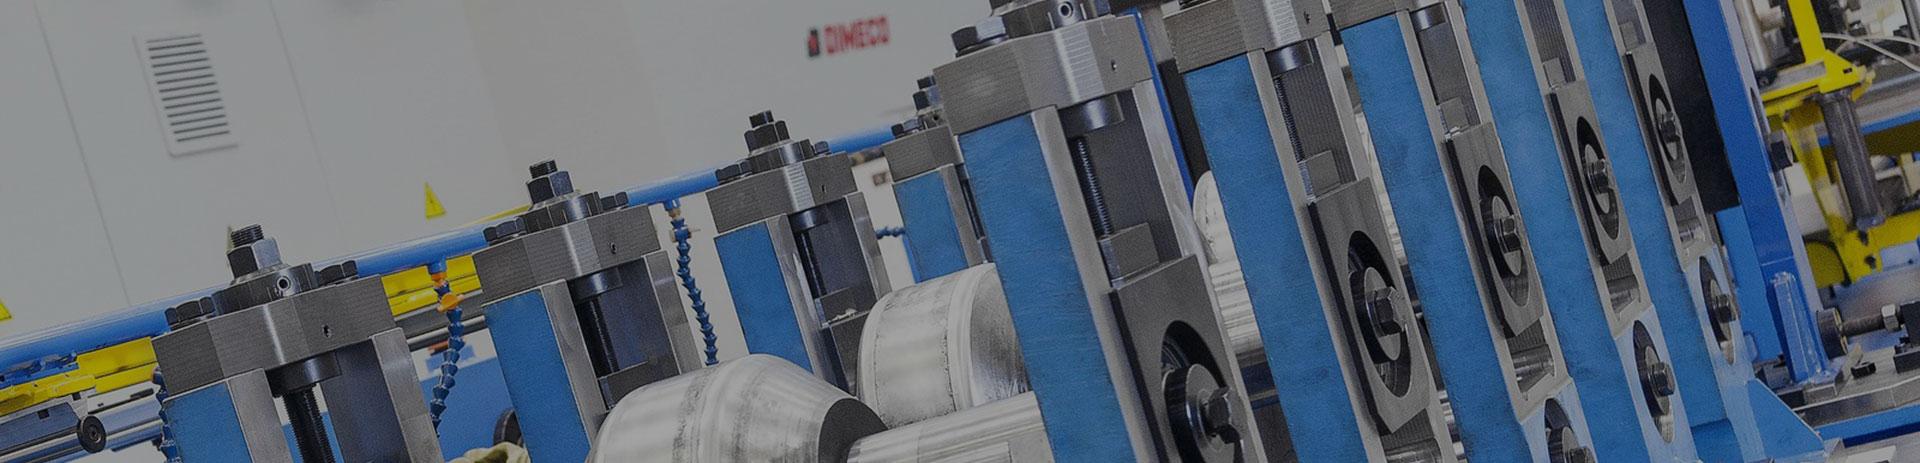 Elementos del funcionamiento de la máquina de conformación por rodillo